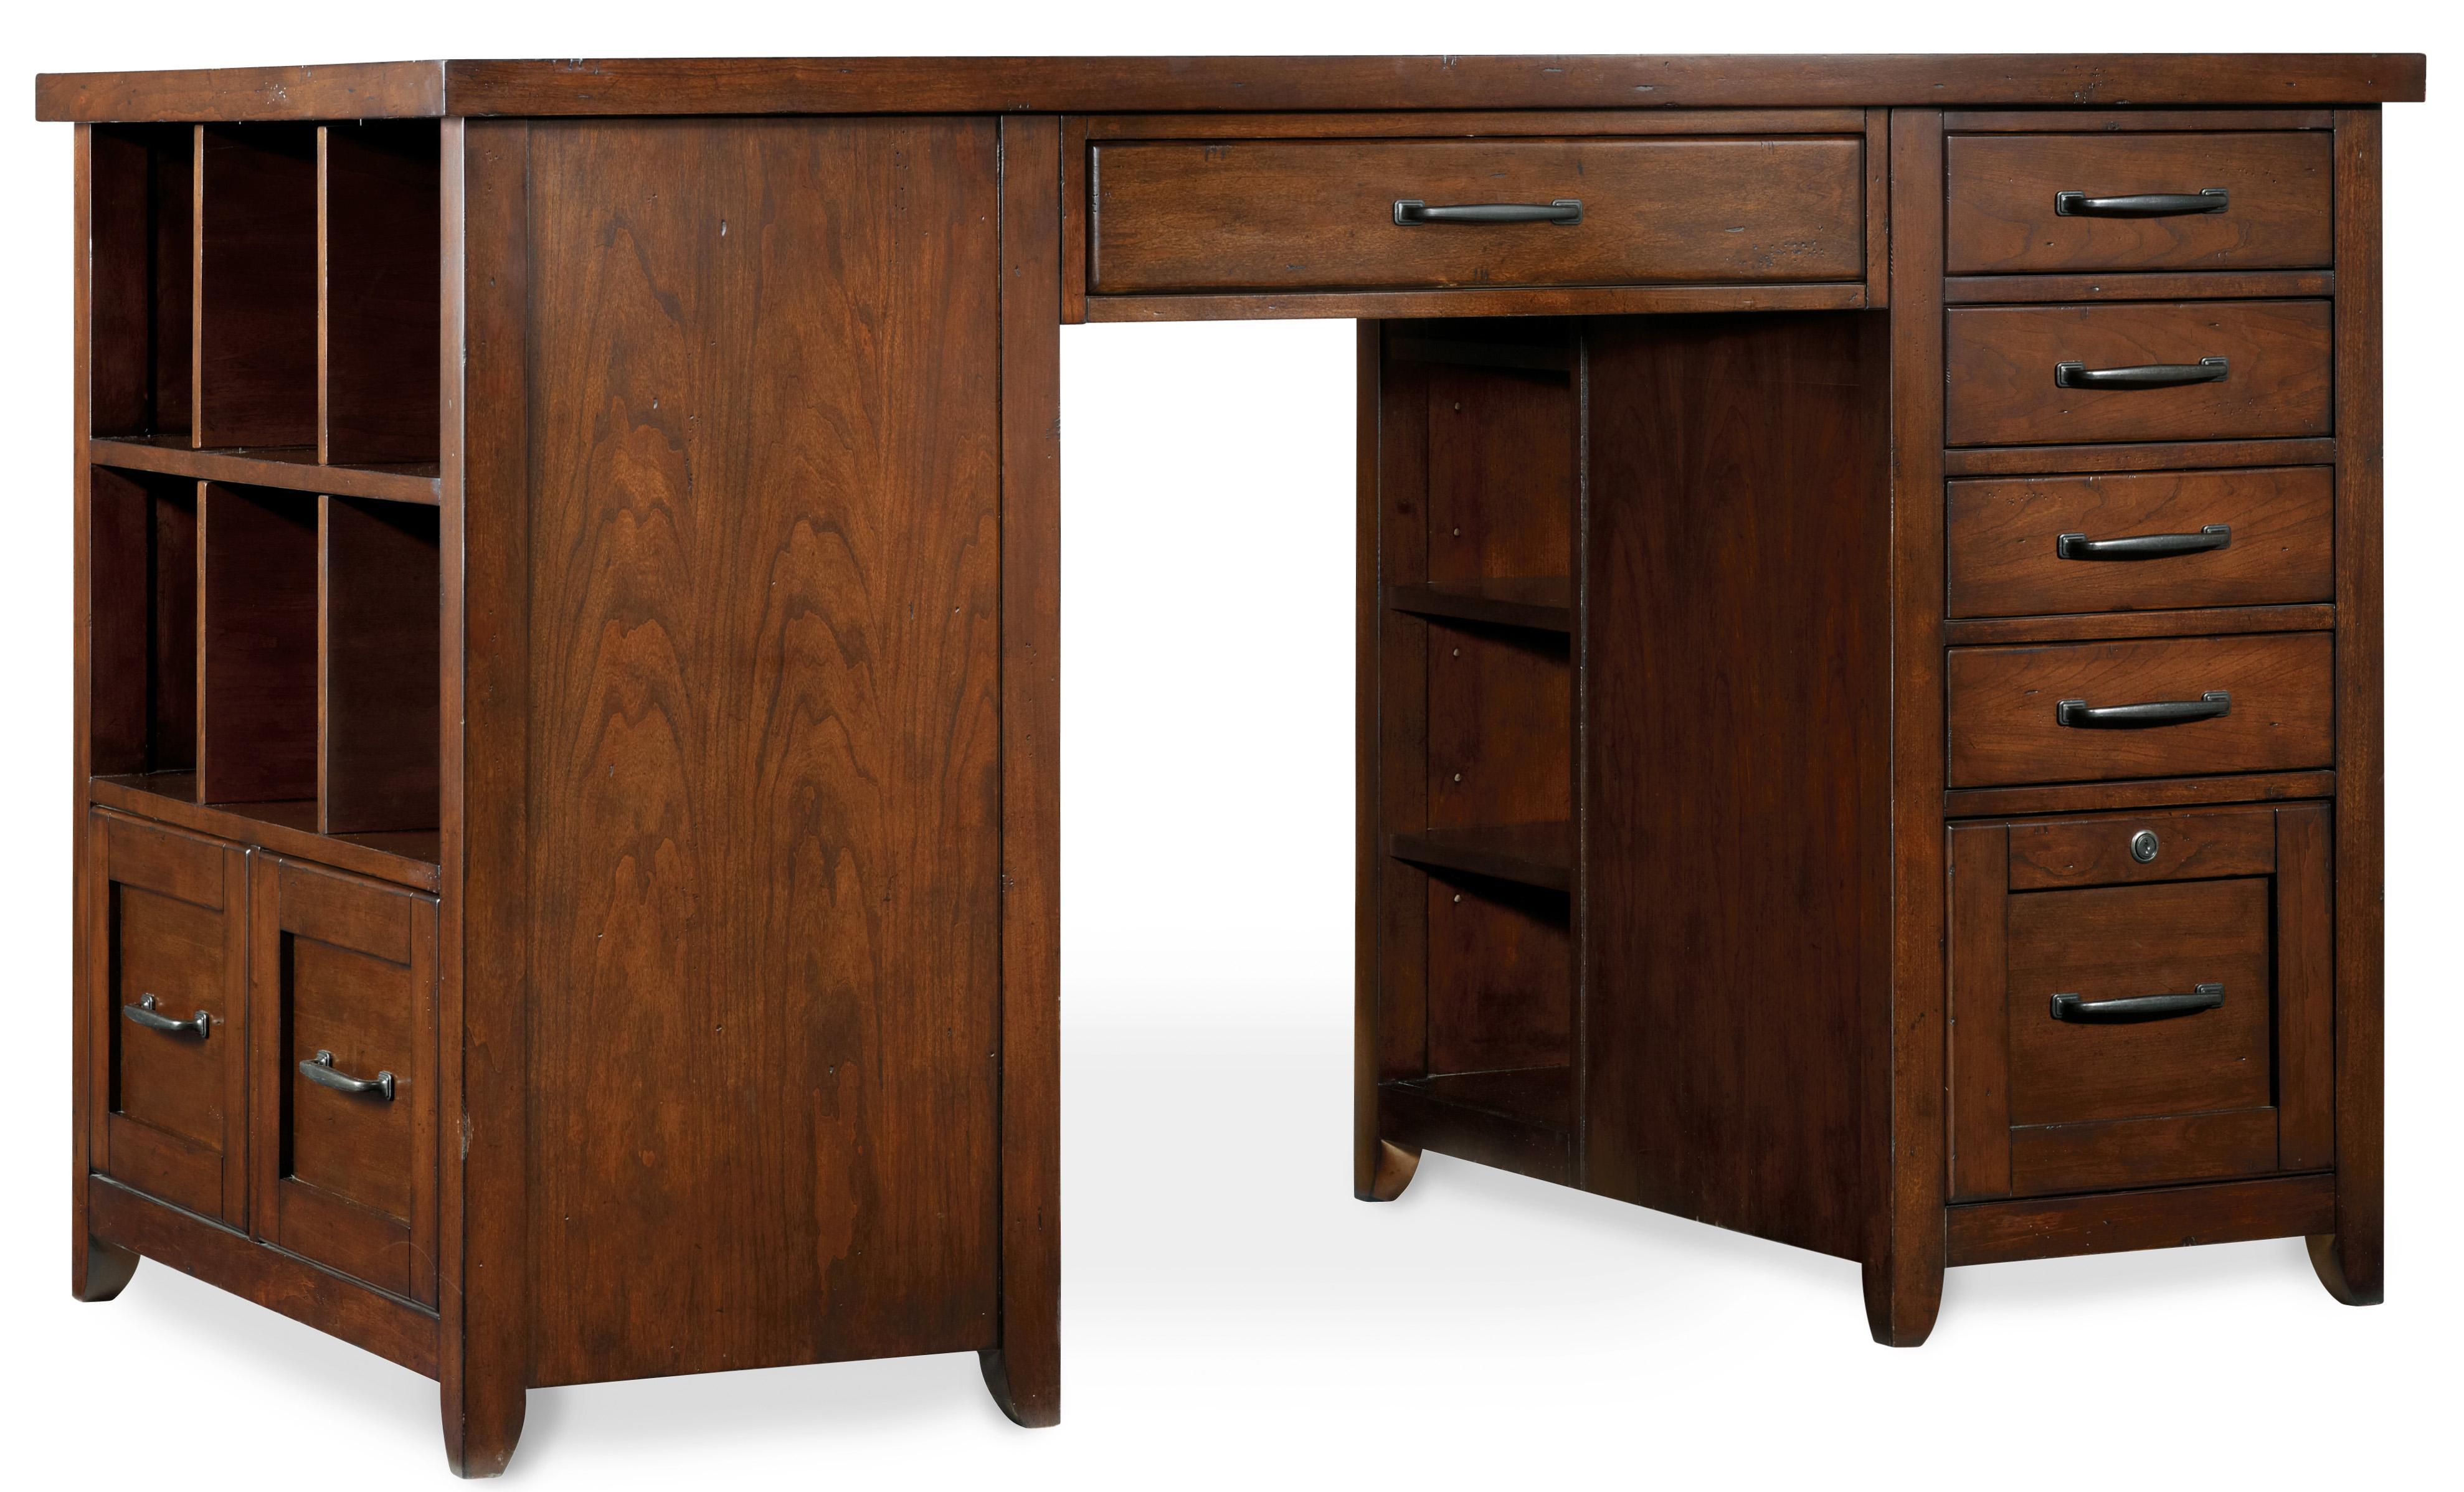 Hooker Furniture Wendover Utility Desk - Item Number: 1037-11306